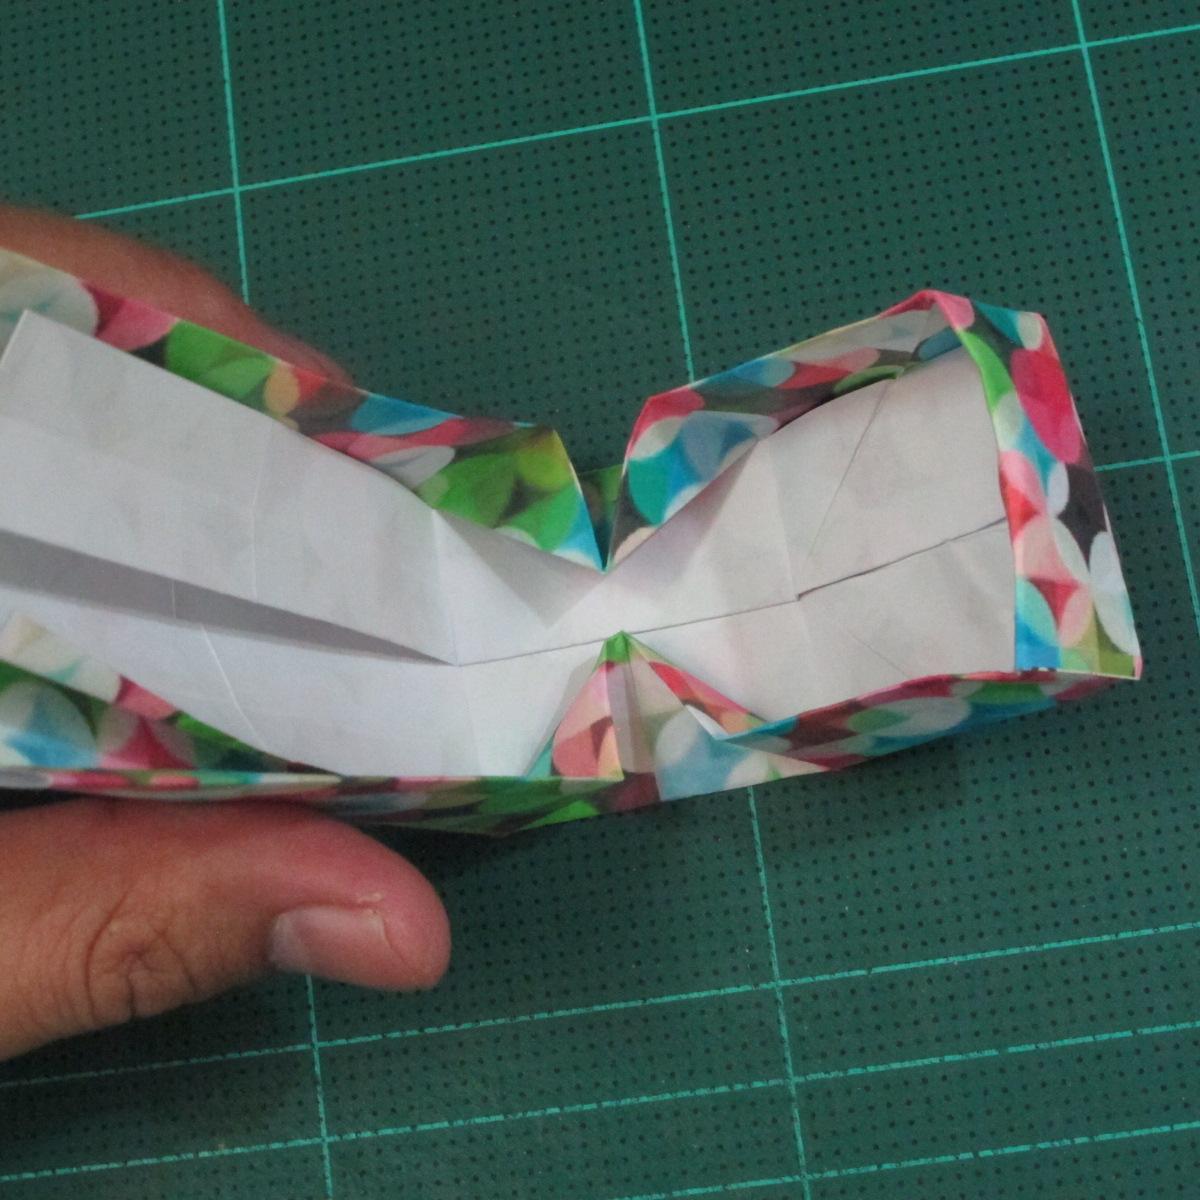 วิธีพับกล่องของขวัญแบบมีฝาปิด (Origami Present Box With Lid) 031